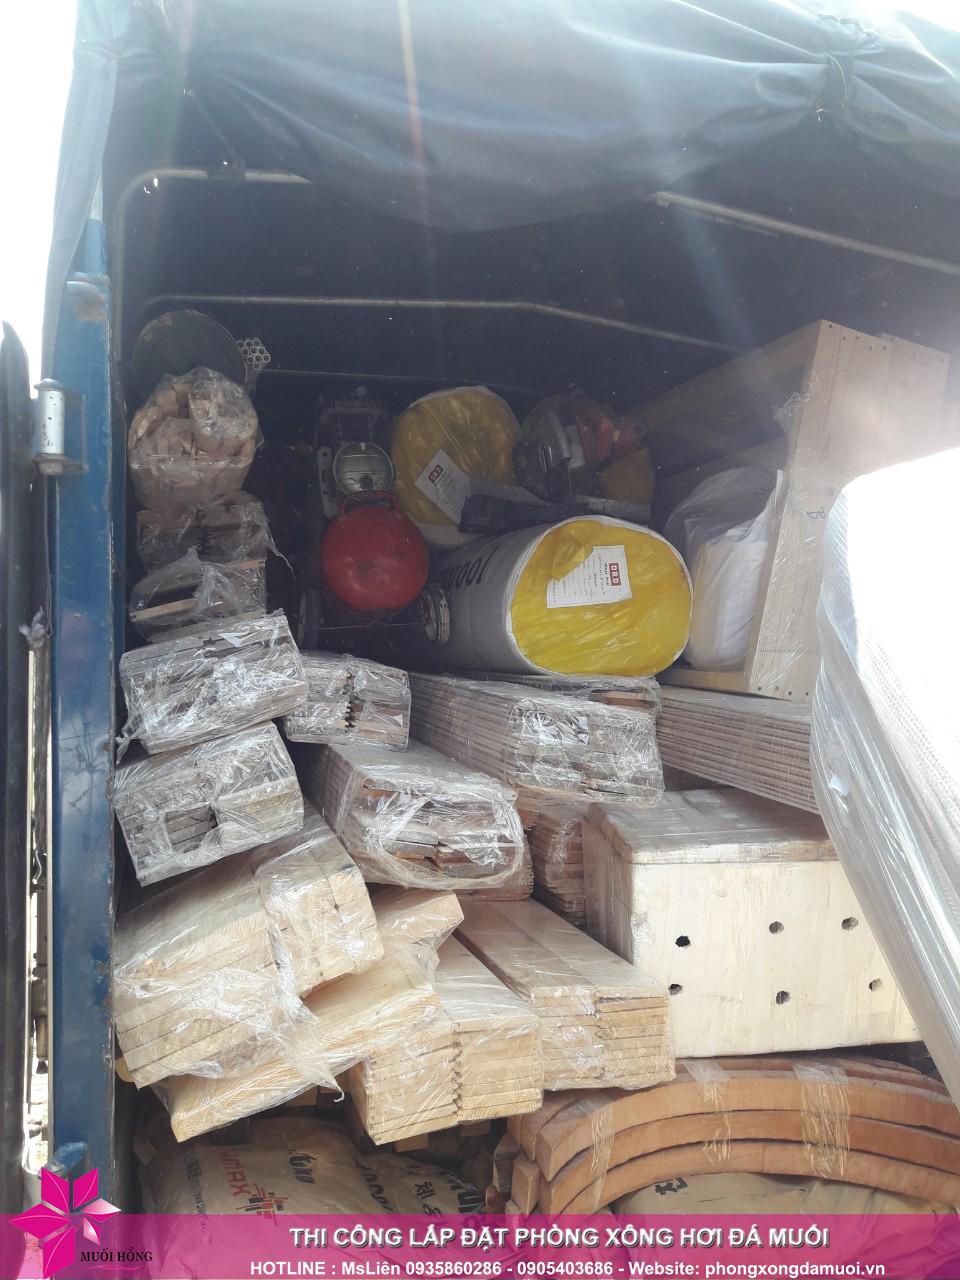 chuyến xe chở nguyên vật liệu công trình spa jjimjilbang cẩm phả đã lăn bánh 6